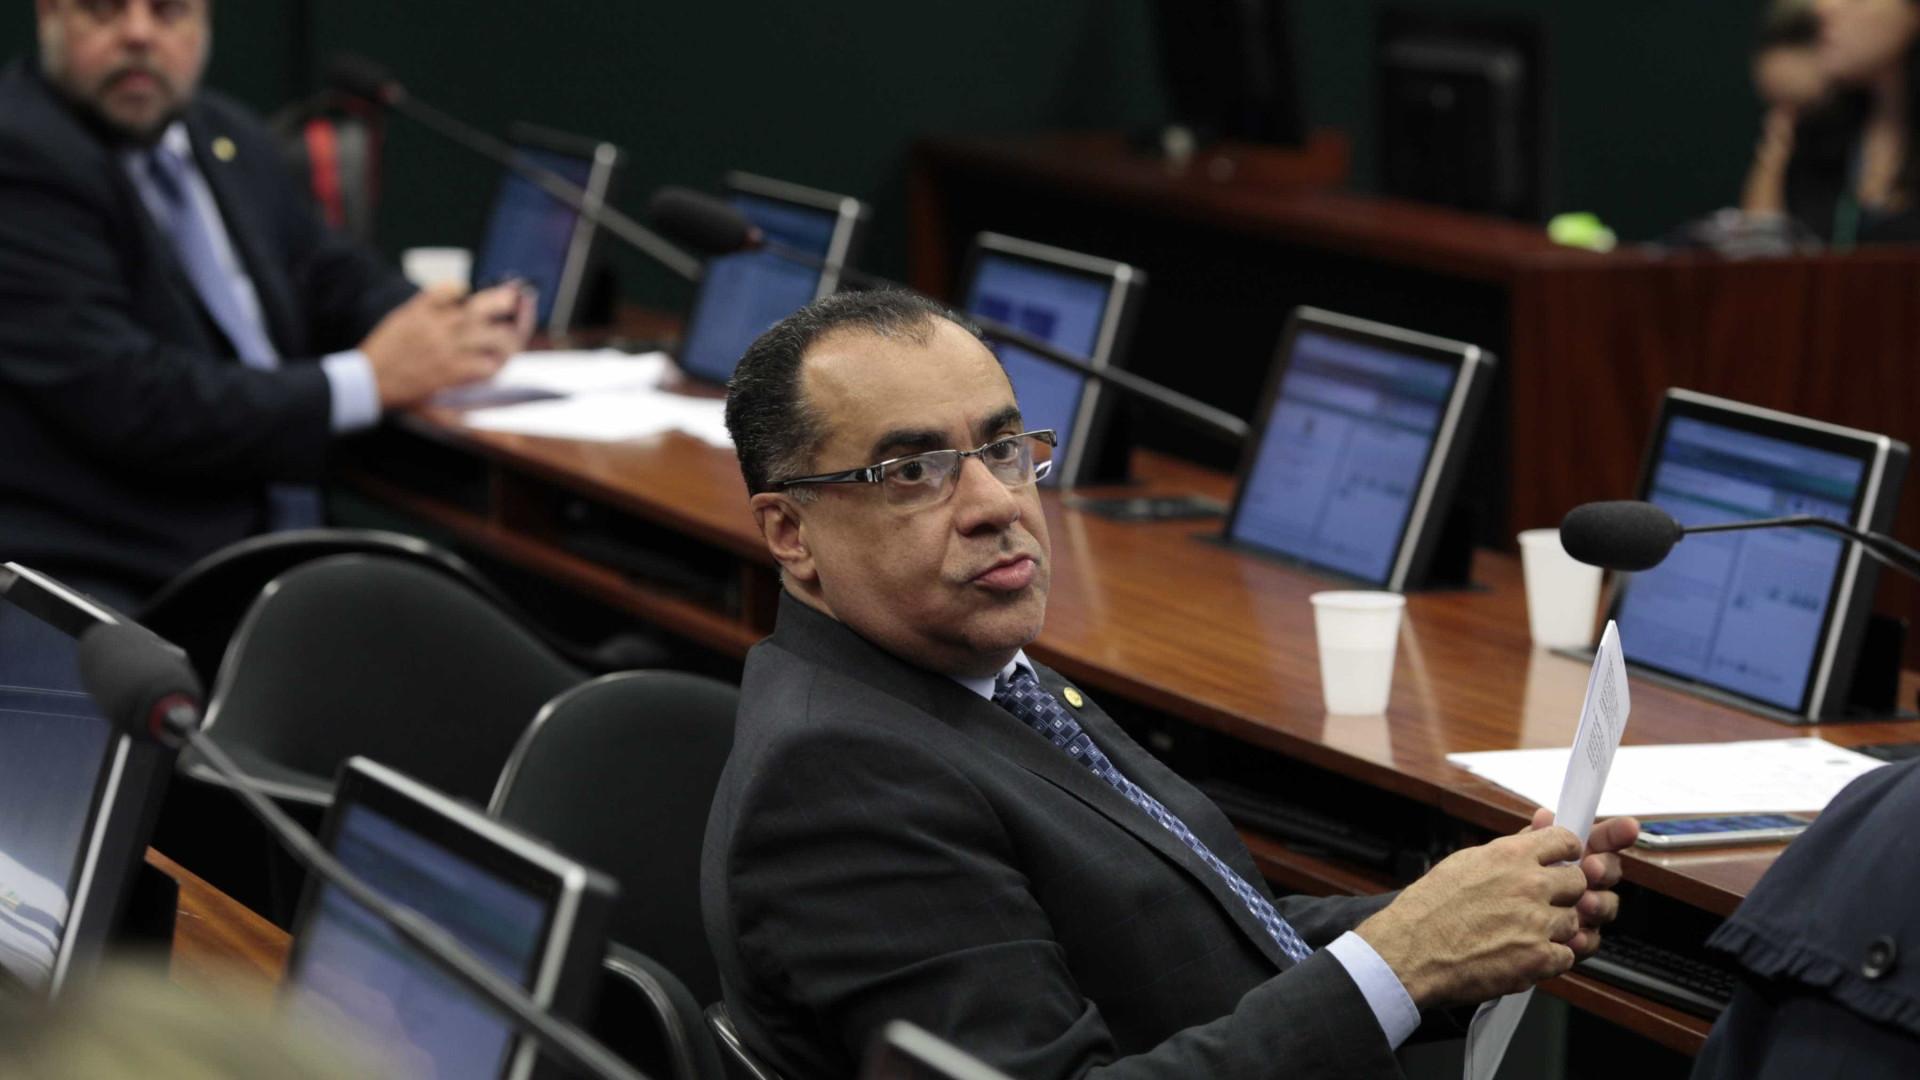 Conselho de Ética ouvirá deputado Celso Jacob e testemunhas de defesa